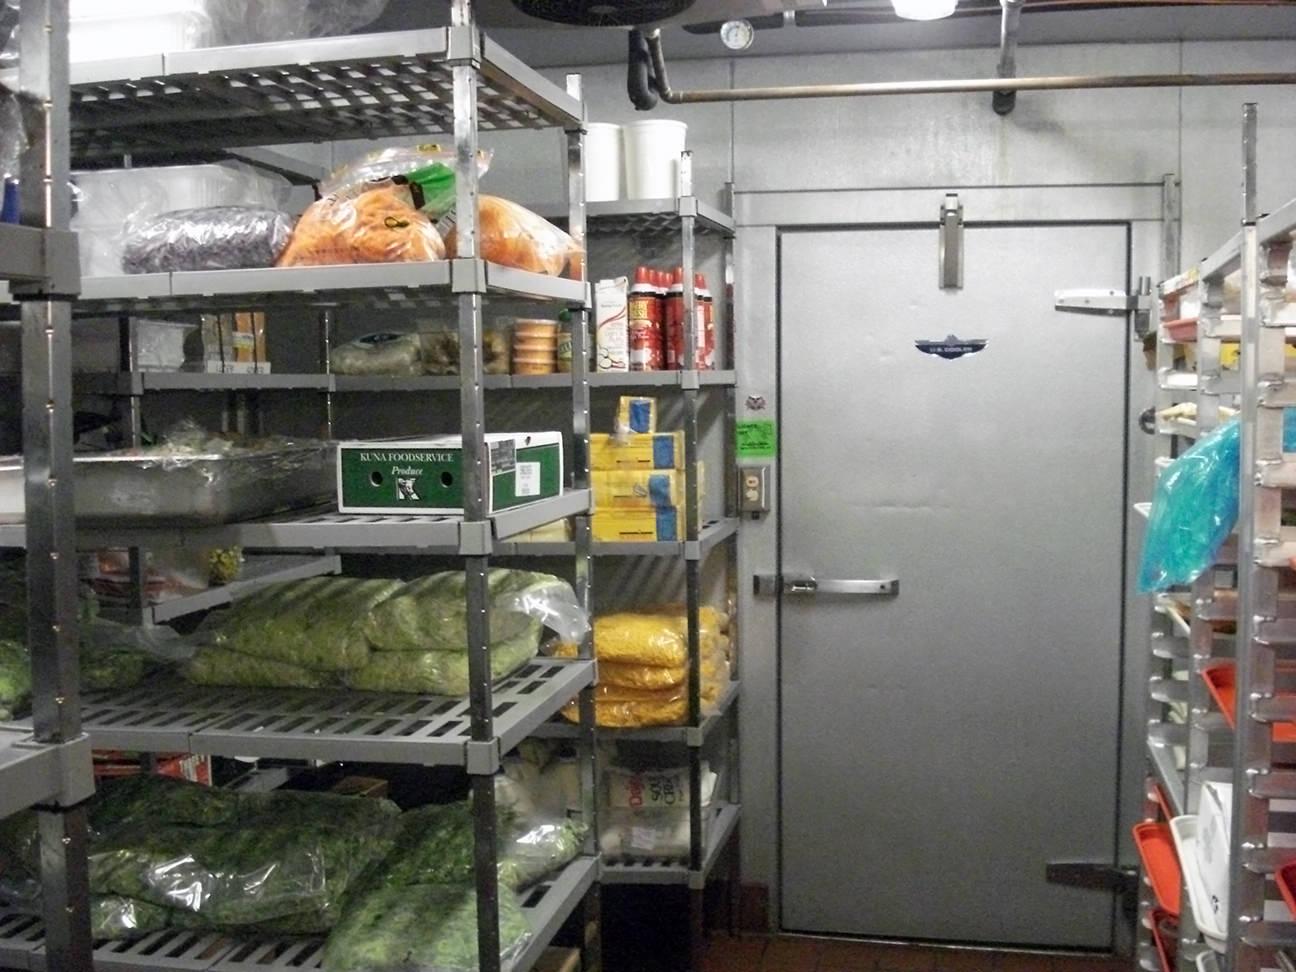 Quy trình mở cửa nhà hàng thường nhật